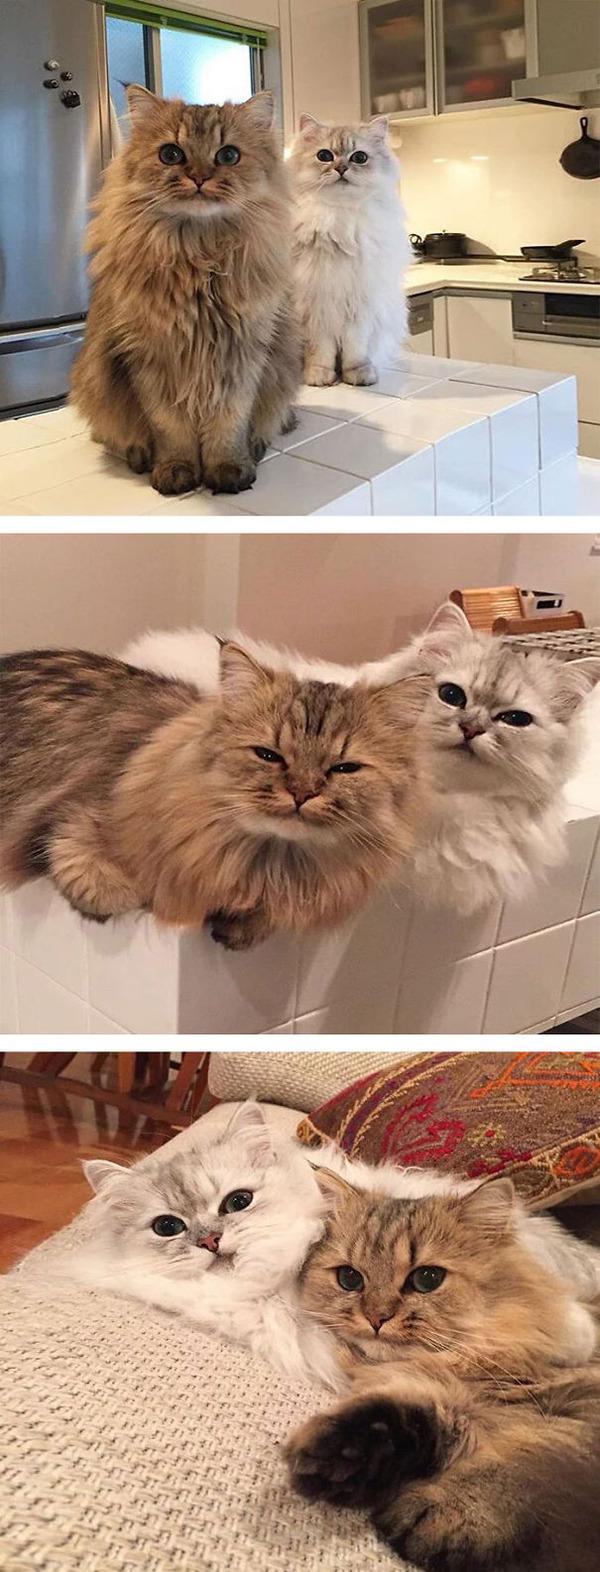 綿菓子フワフワ!モフモフしたくなる長毛種の猫画像 (16)